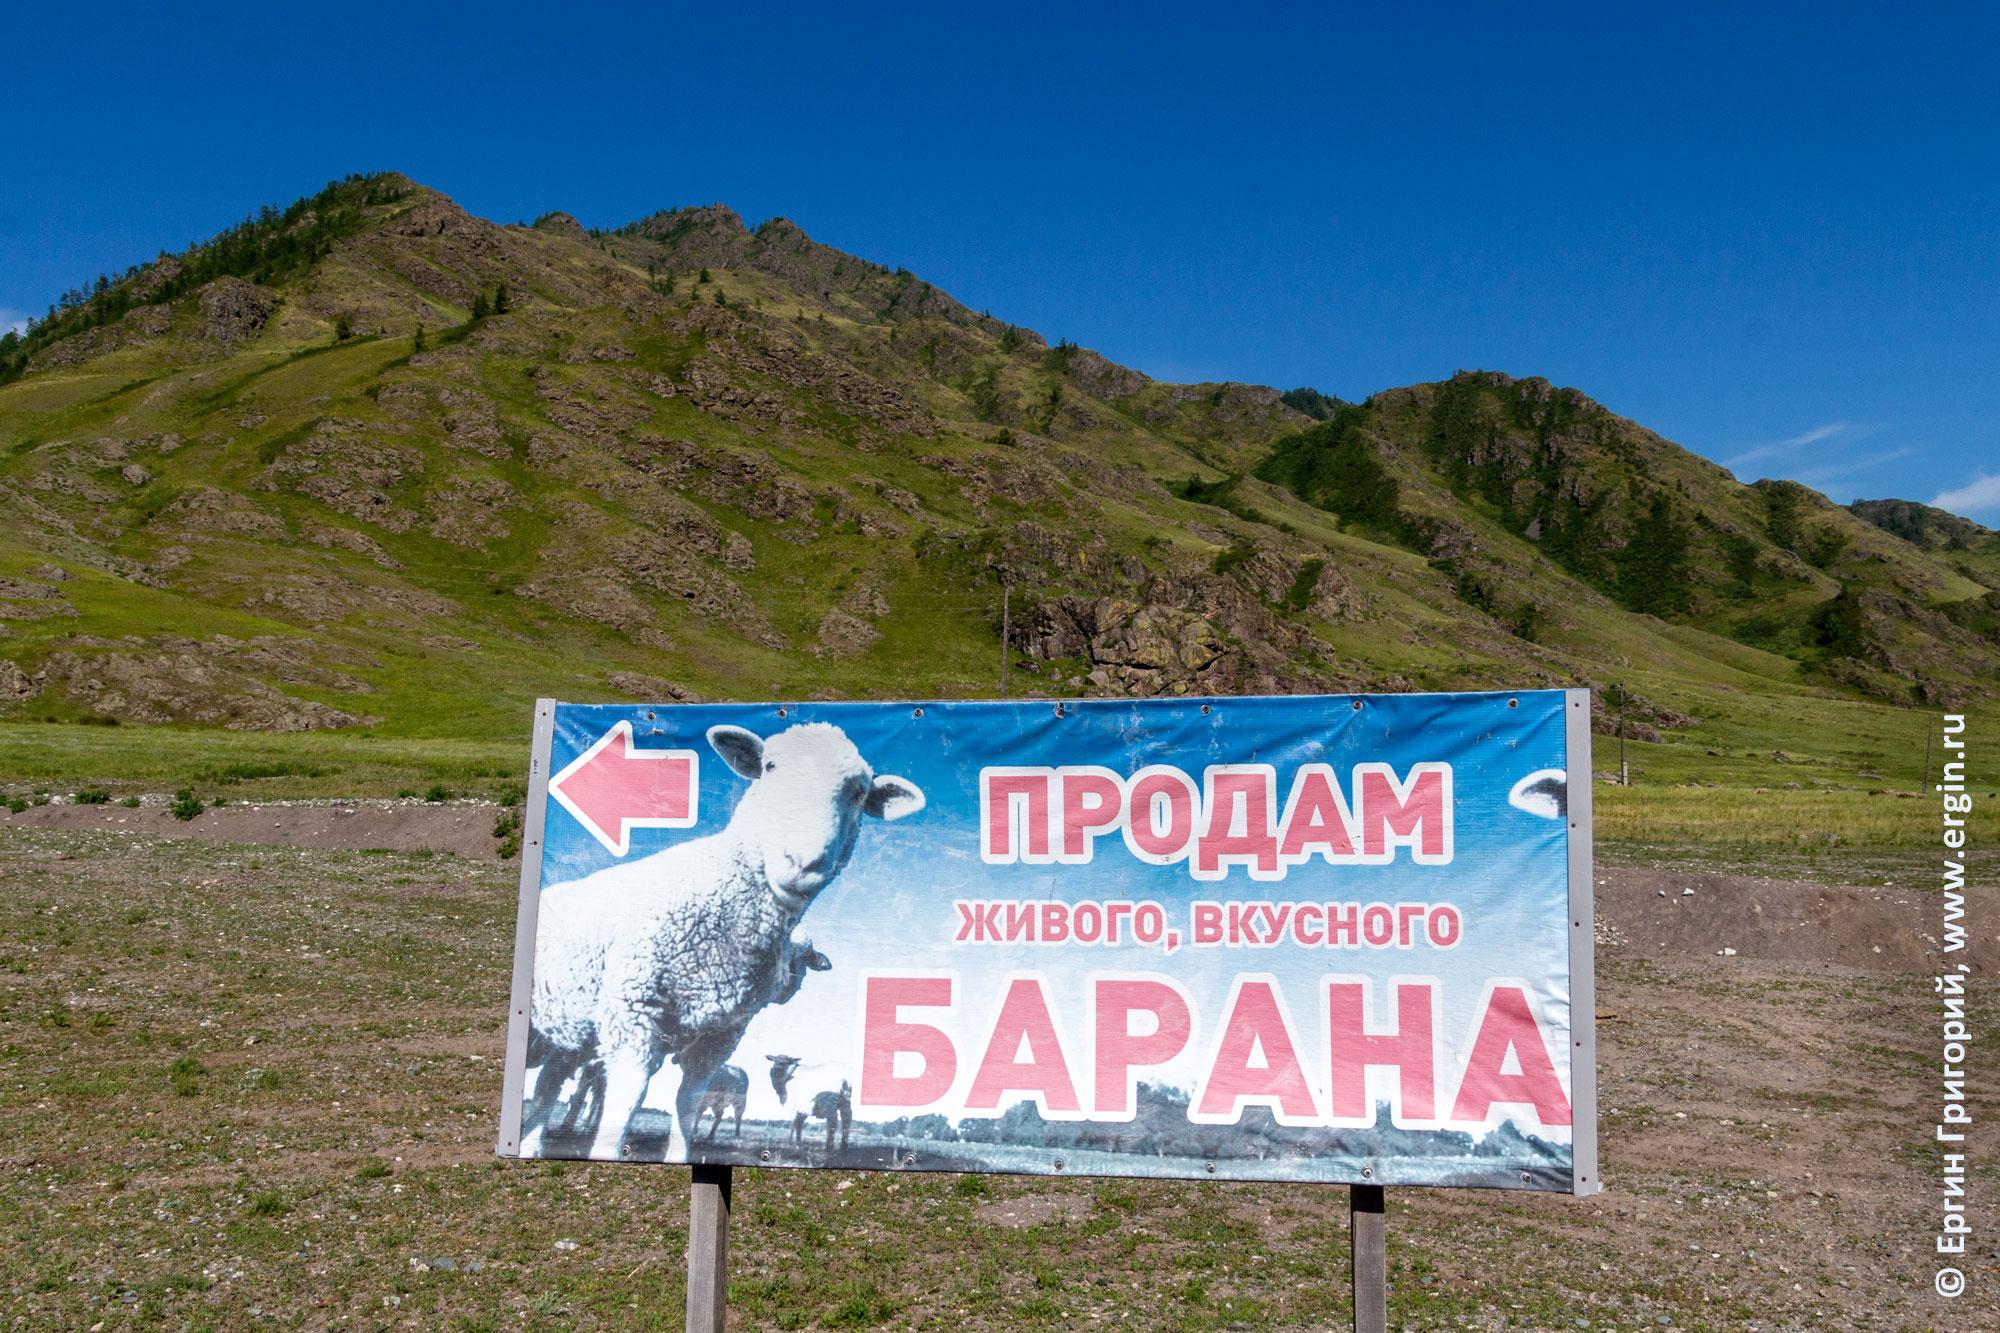 Продам живого вкусного барана объявление на Алтае